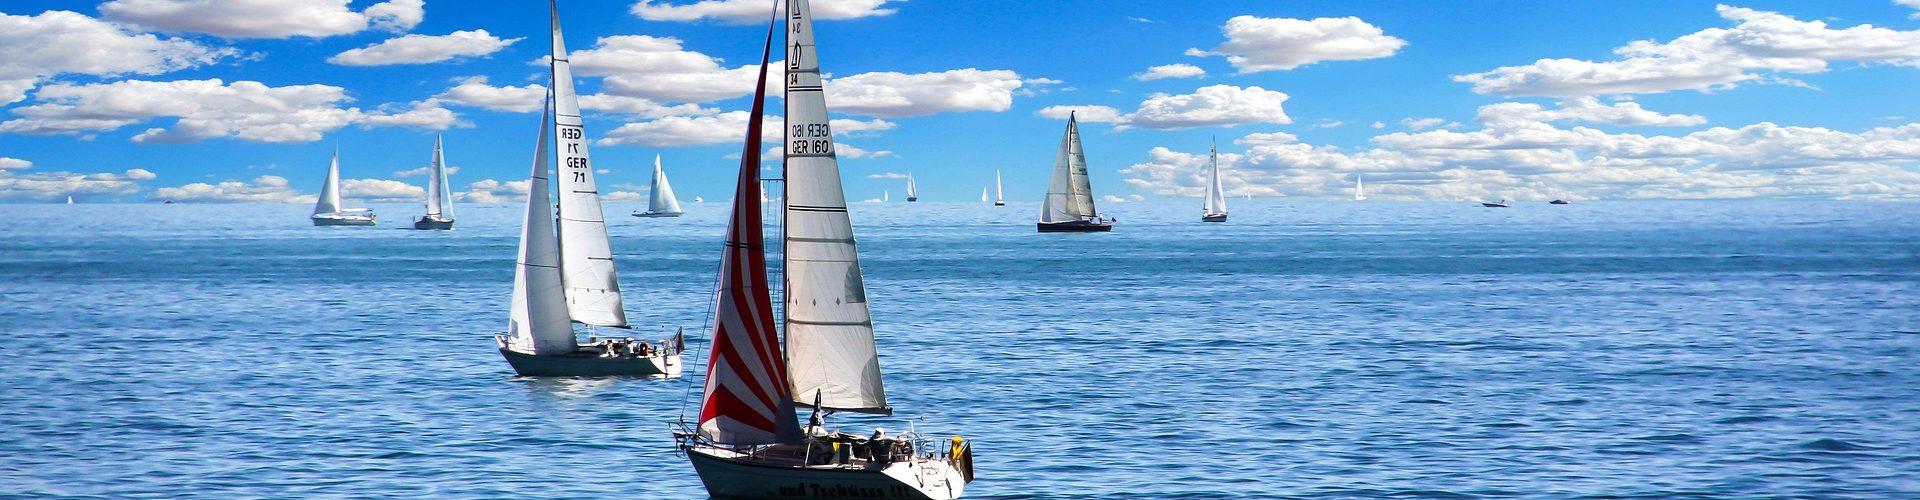 segeln lernen in Zülpich segelschein machen in Zülpich 1920x500 - Segeln lernen in Zülpich